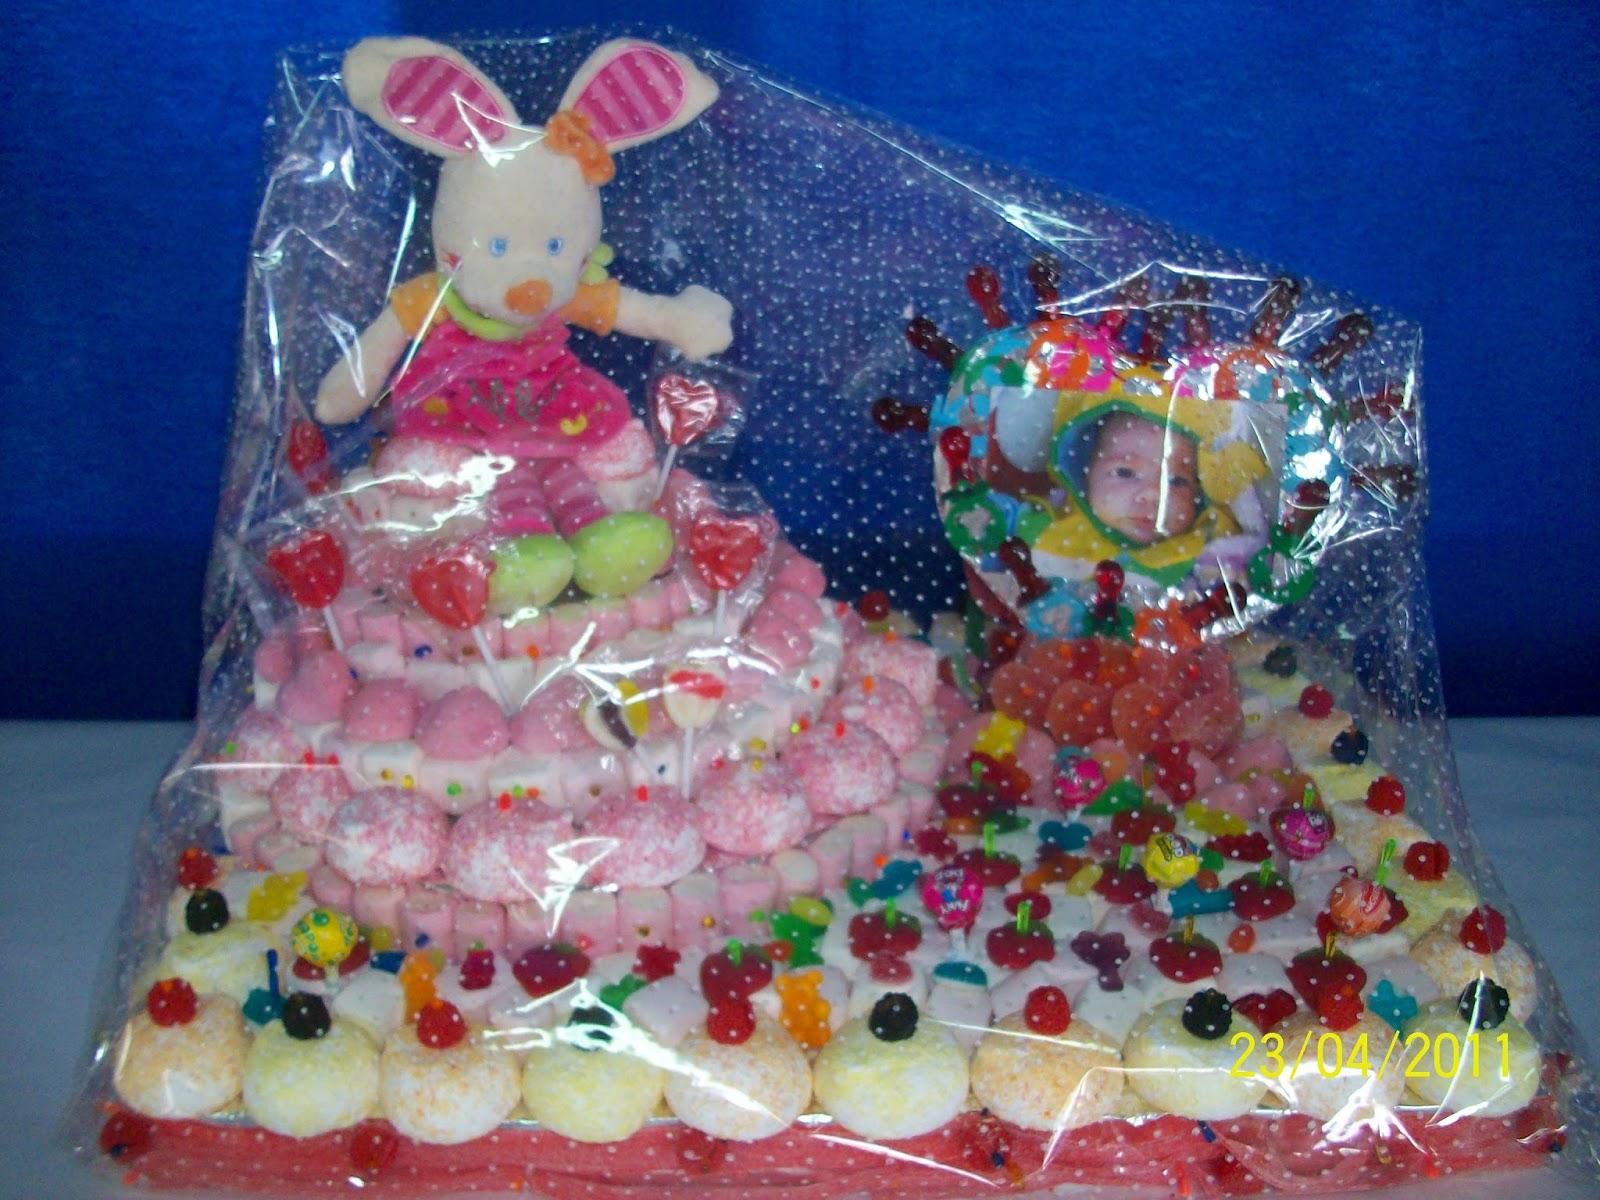 Puragomaeva tarta de chuches para comuniones bautizos y - Chuches para bautizo ...